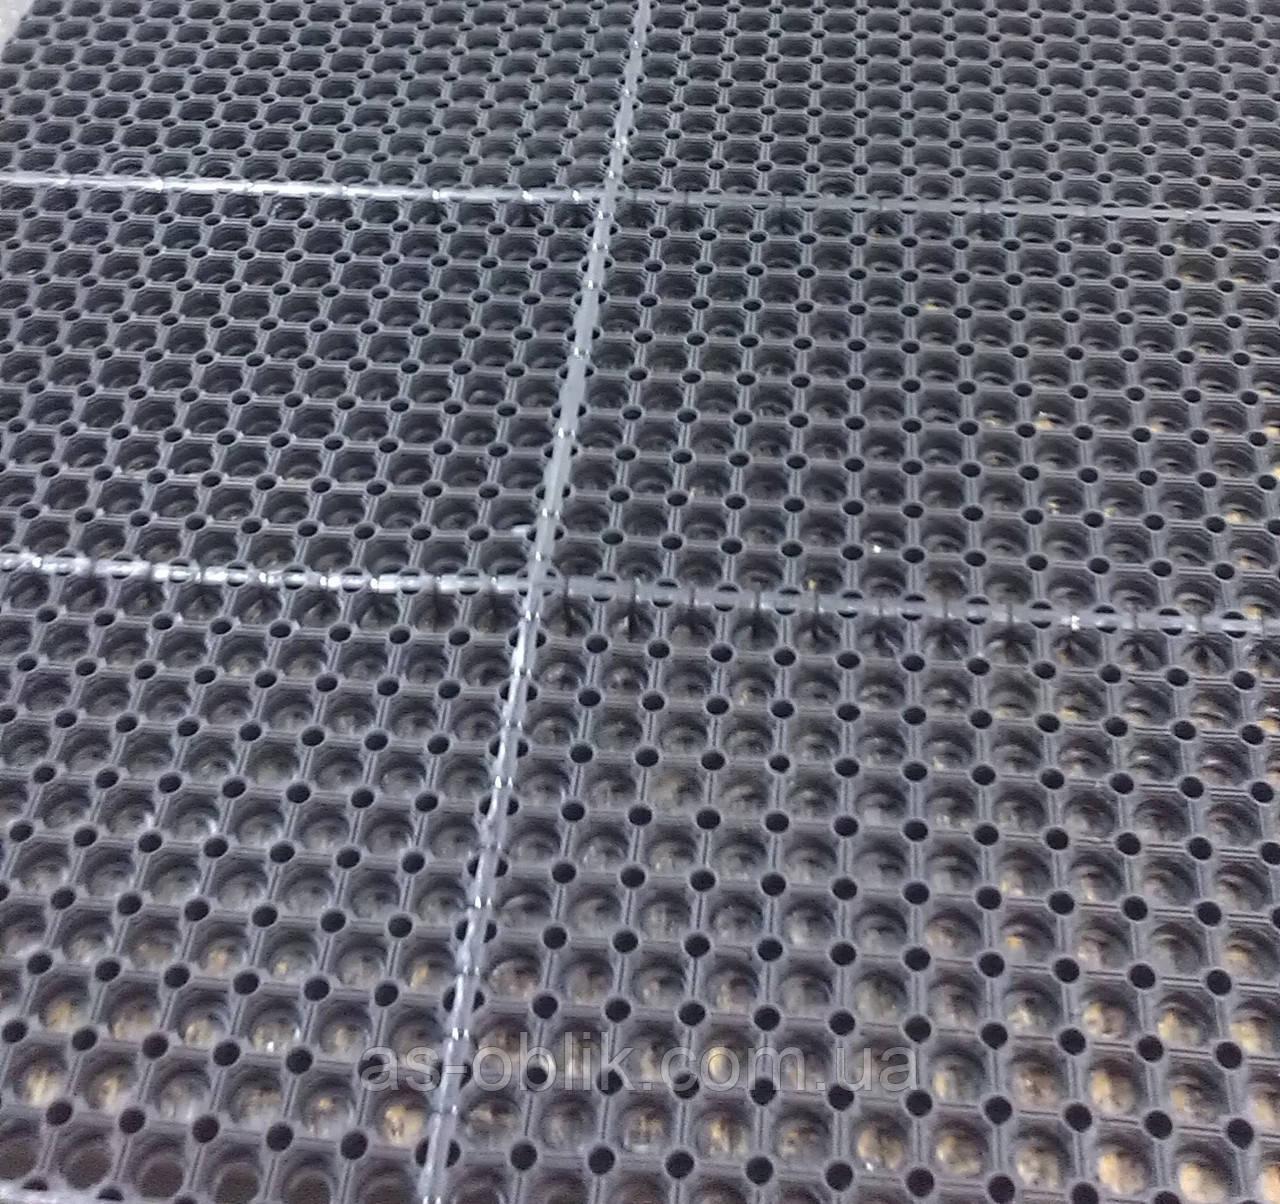 Резино-стільникове покриття 22 мм